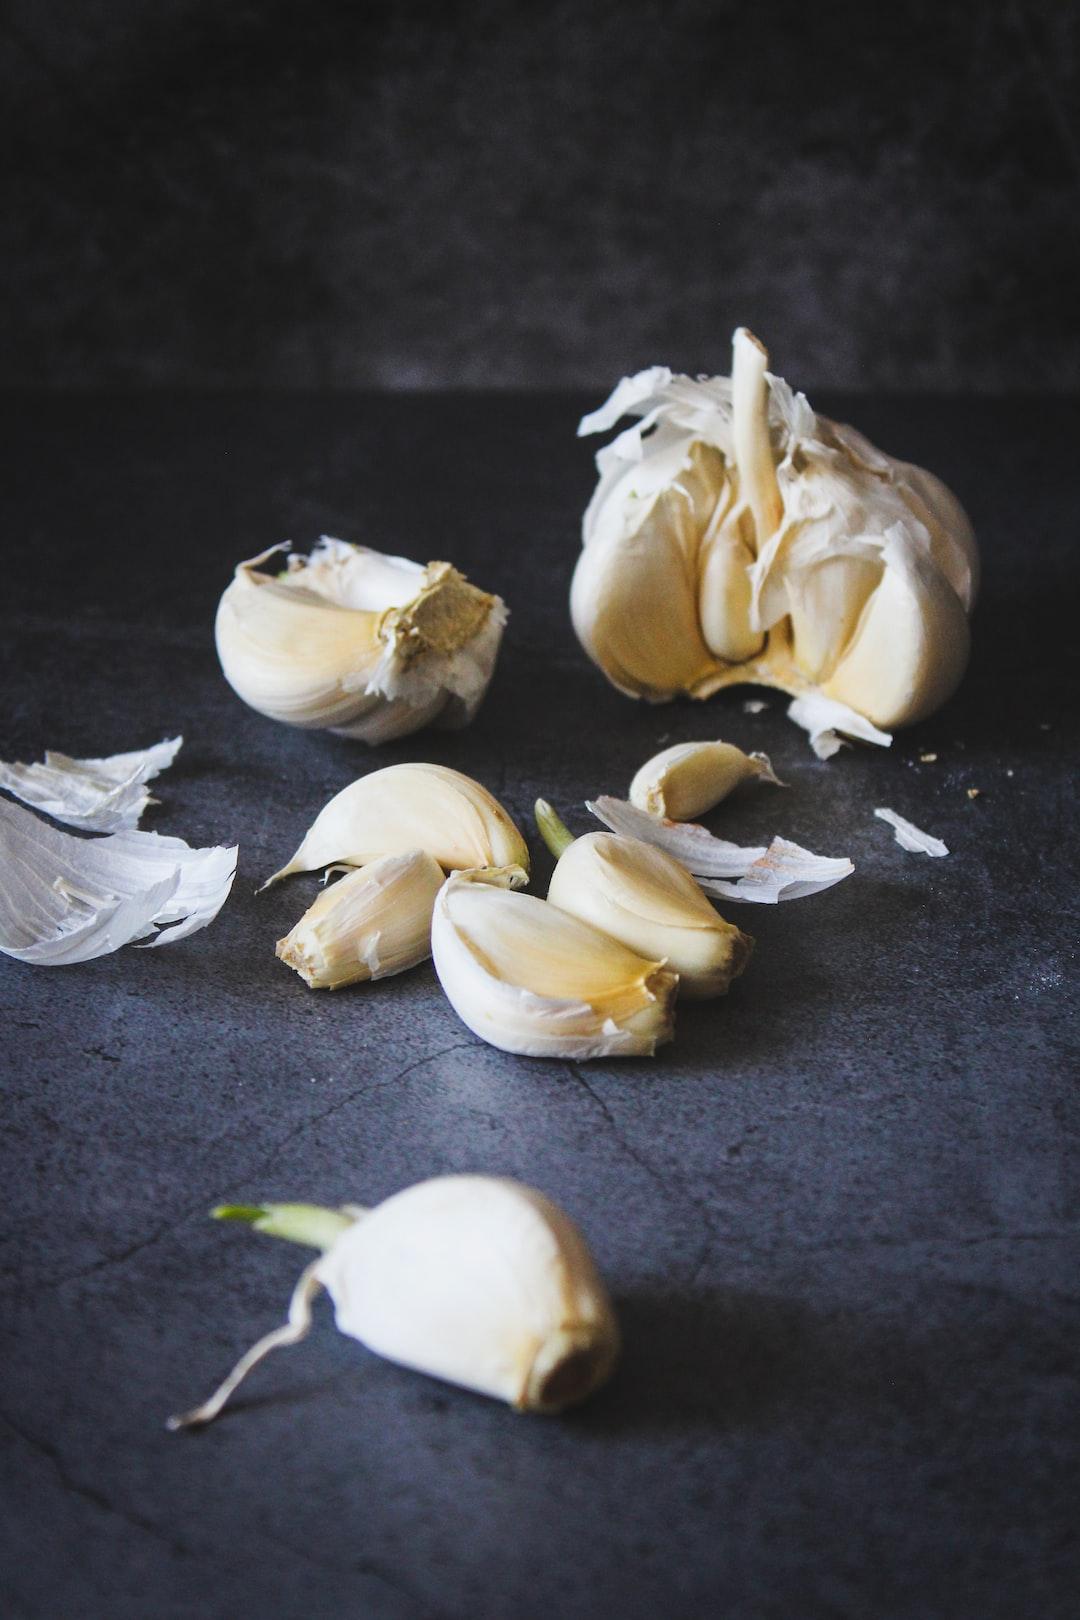 Fresh garlic on dark background